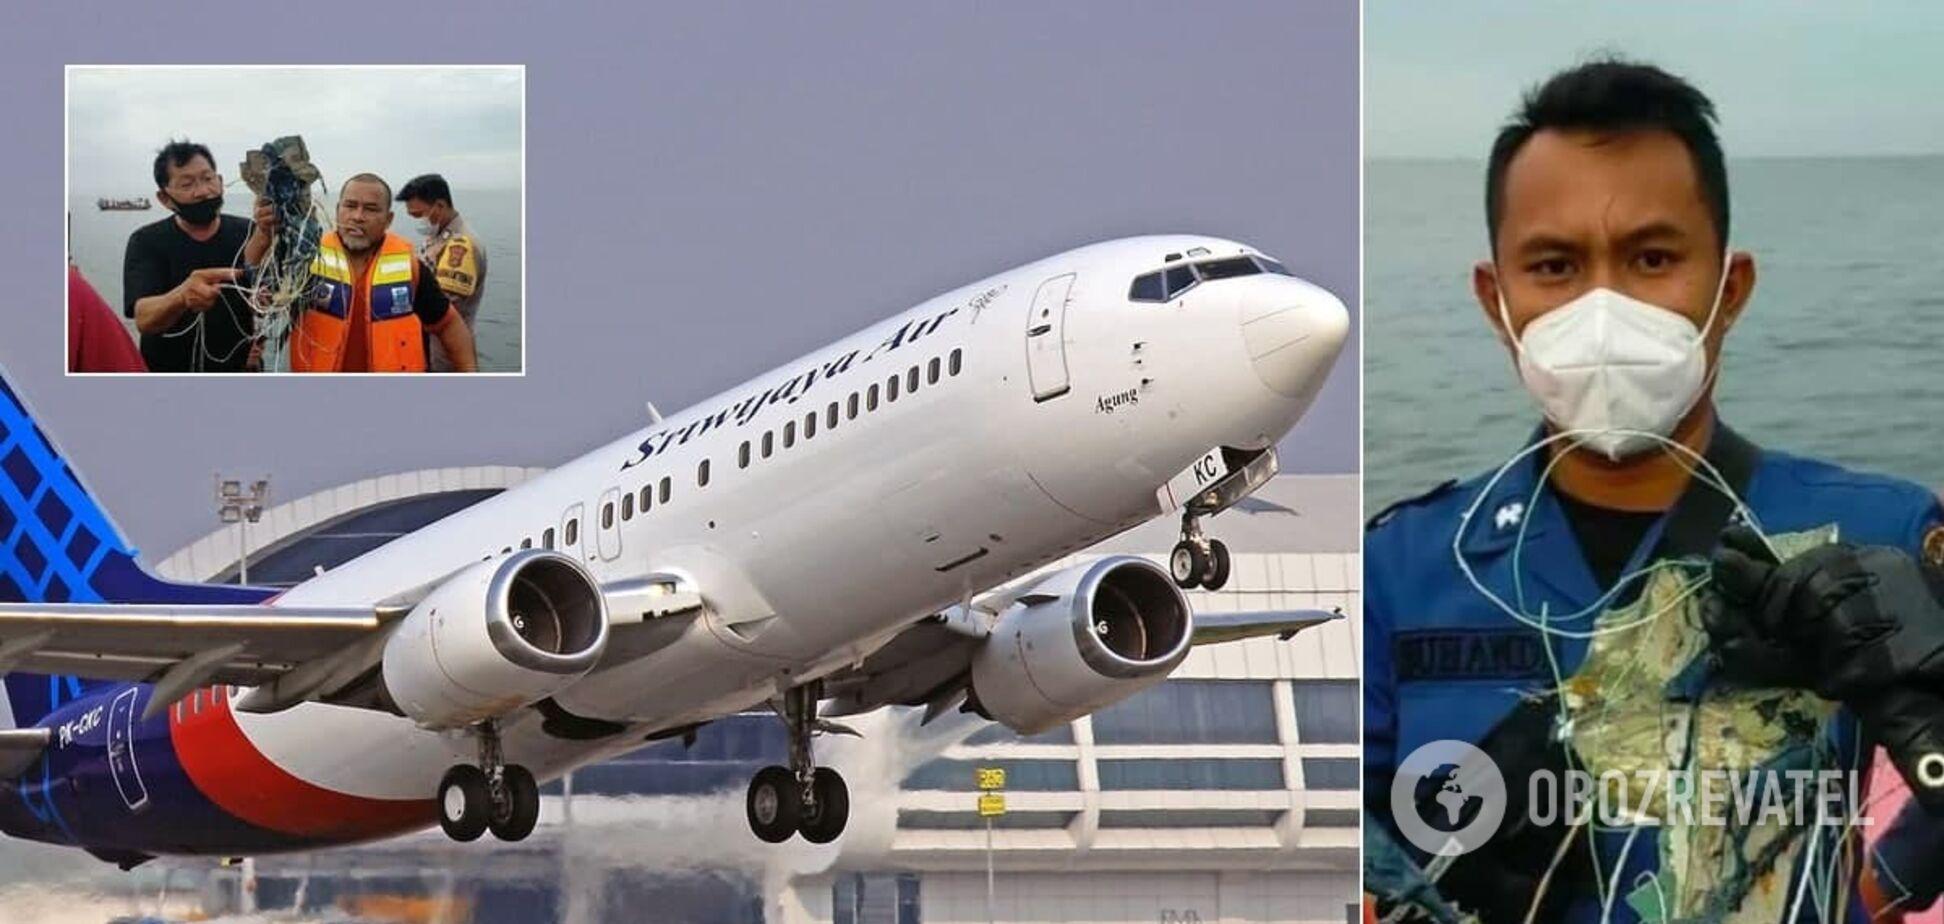 В Індонезії в море впав Boeing: усі подробиці трагедії. Фото і відео